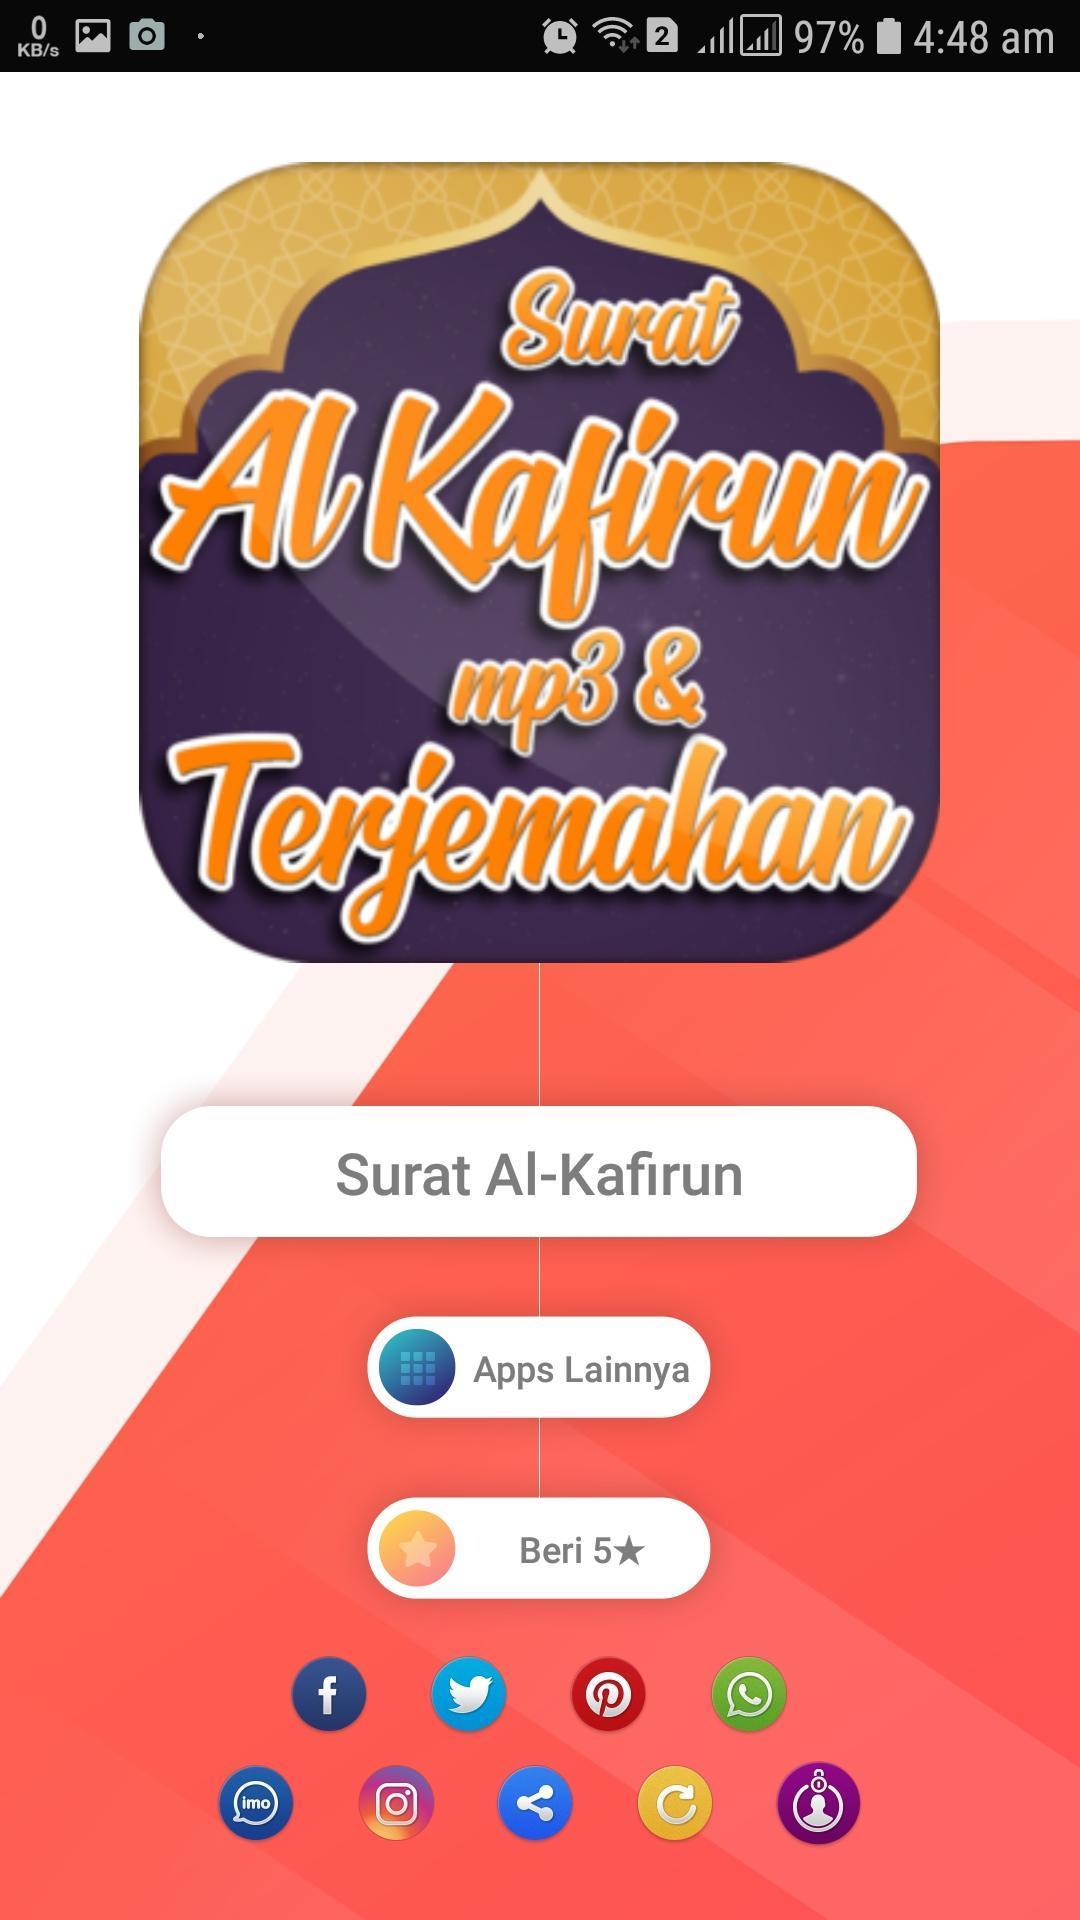 Surah Al Kafirun Mp3 Serta Terjemahan For Android Apk Download